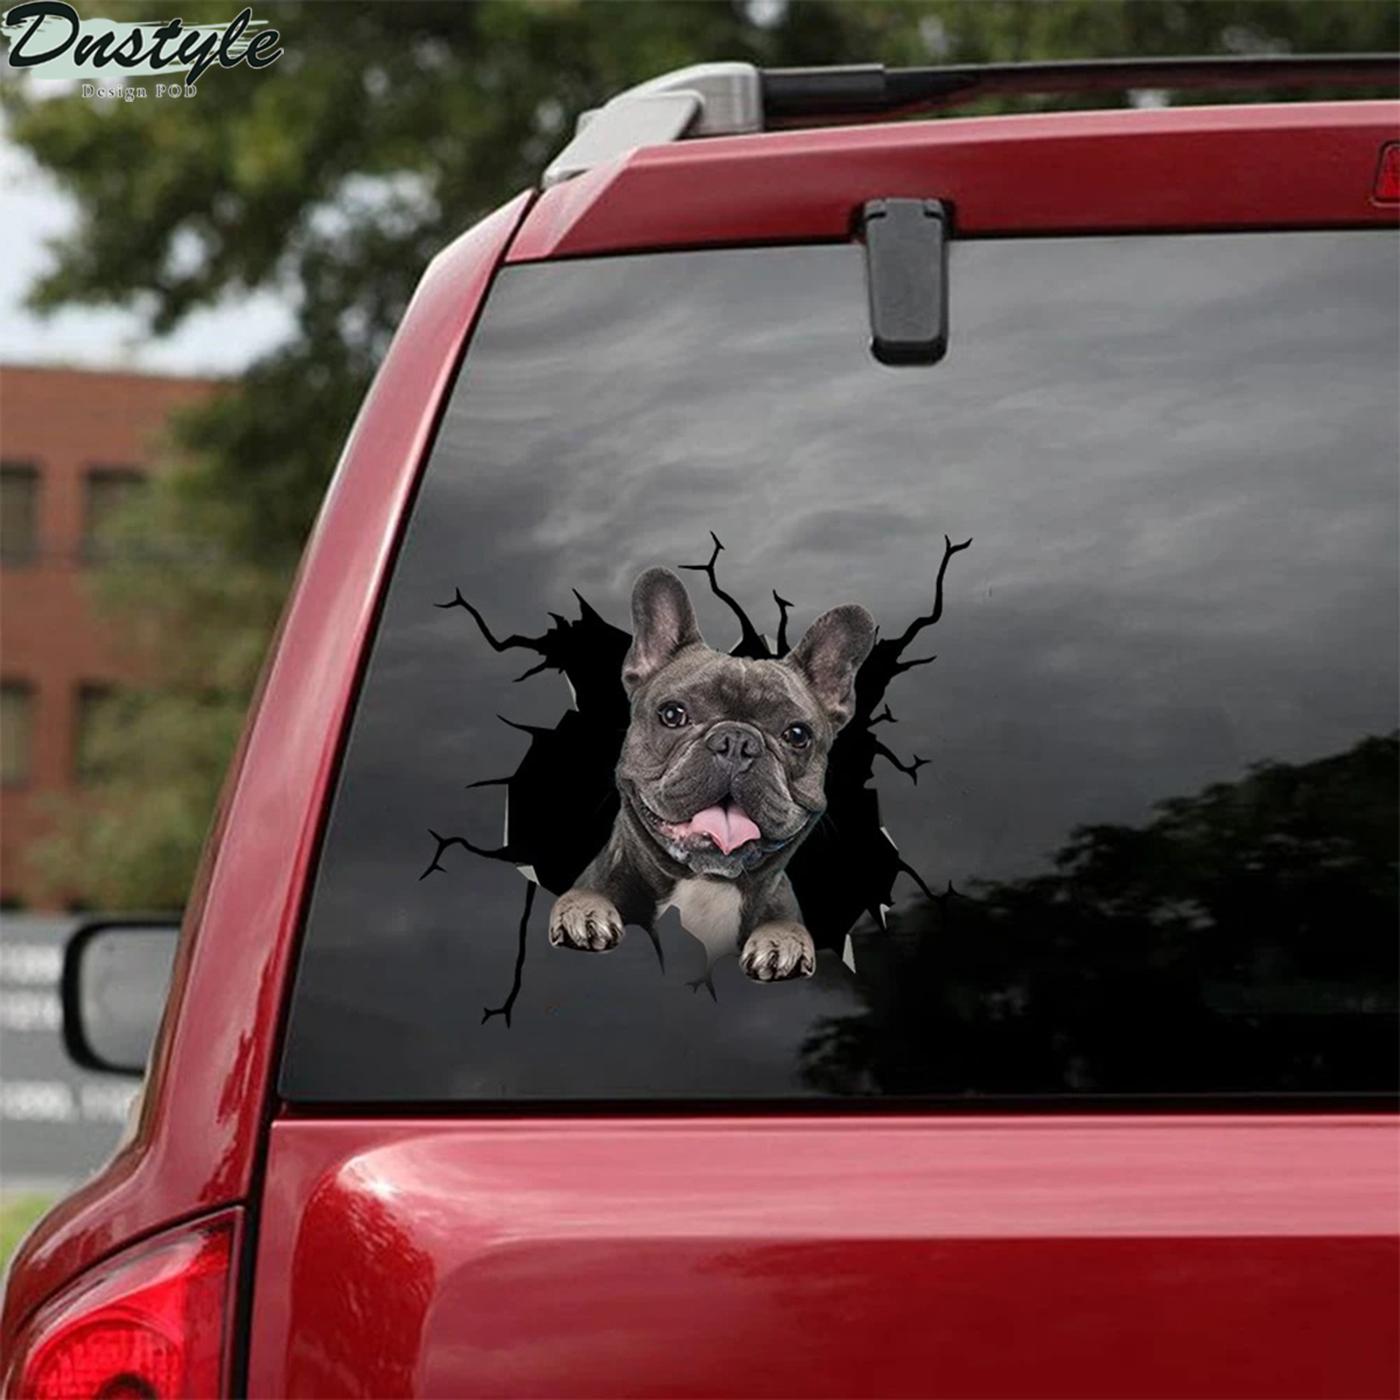 Funny french bulldog sticker car decal 2